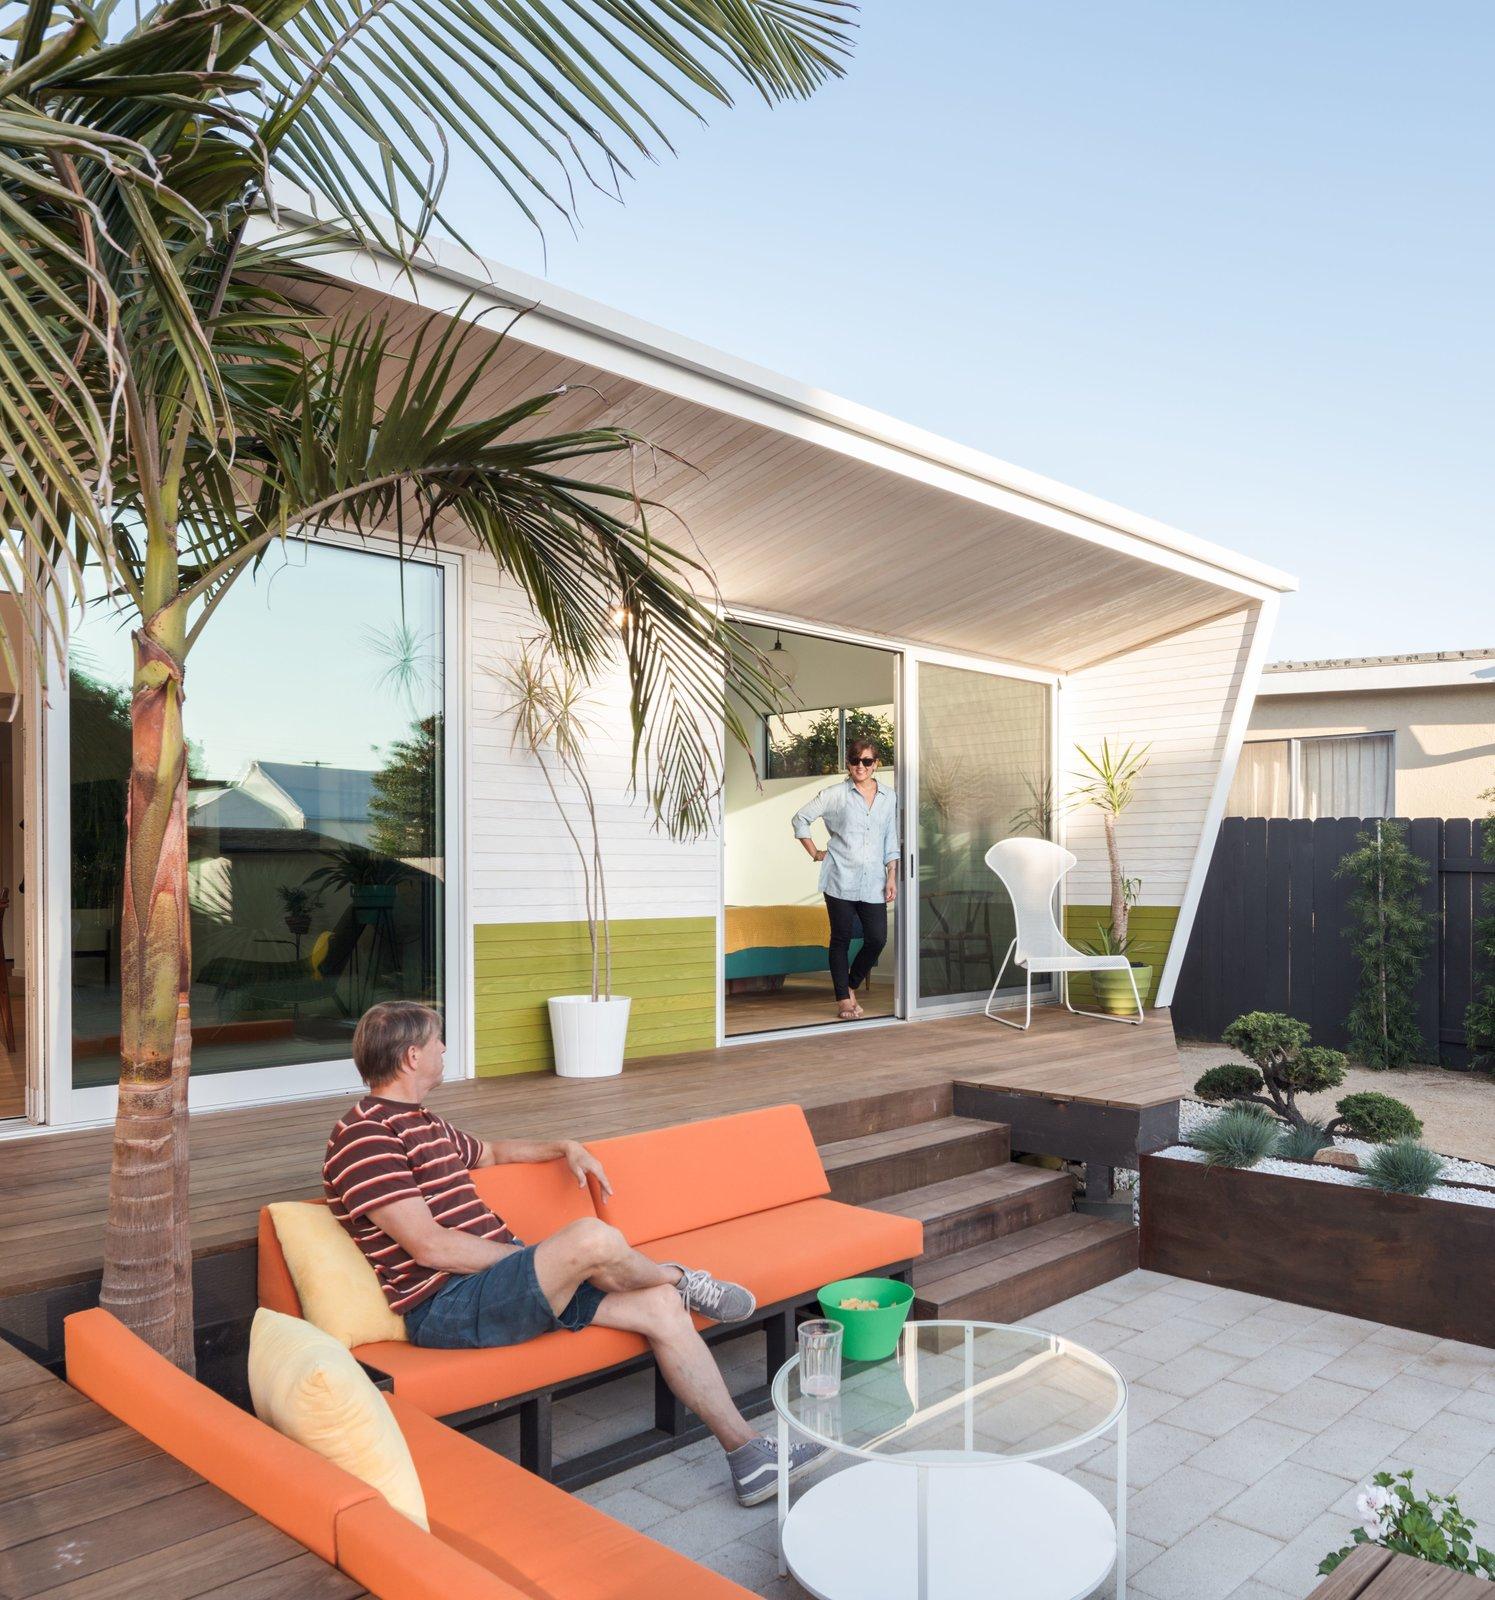 corten steel planter + Bonsai garden